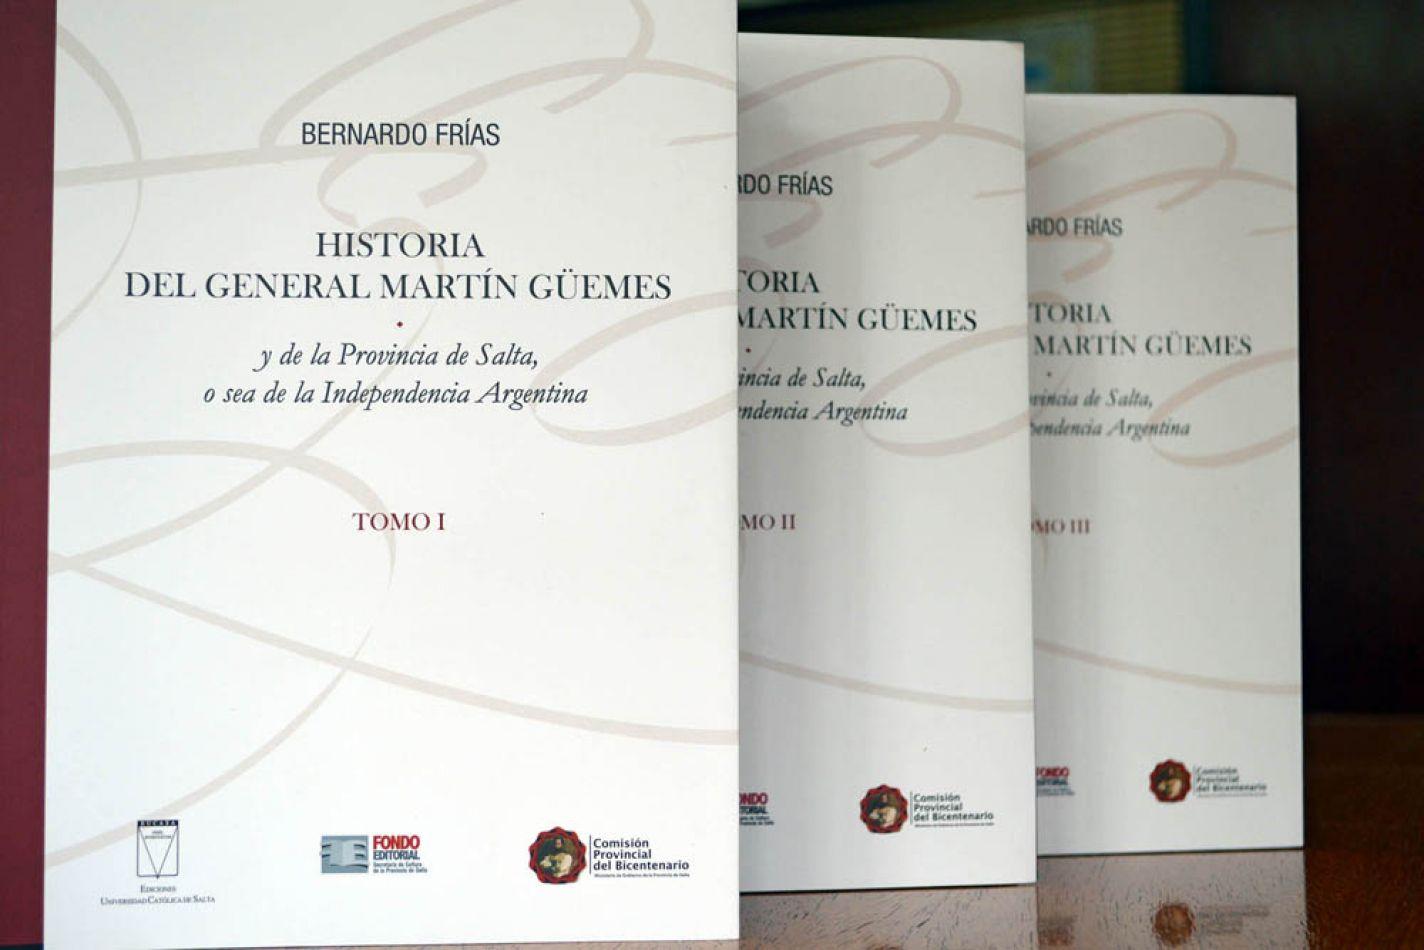 La obra de Bernardo Frías